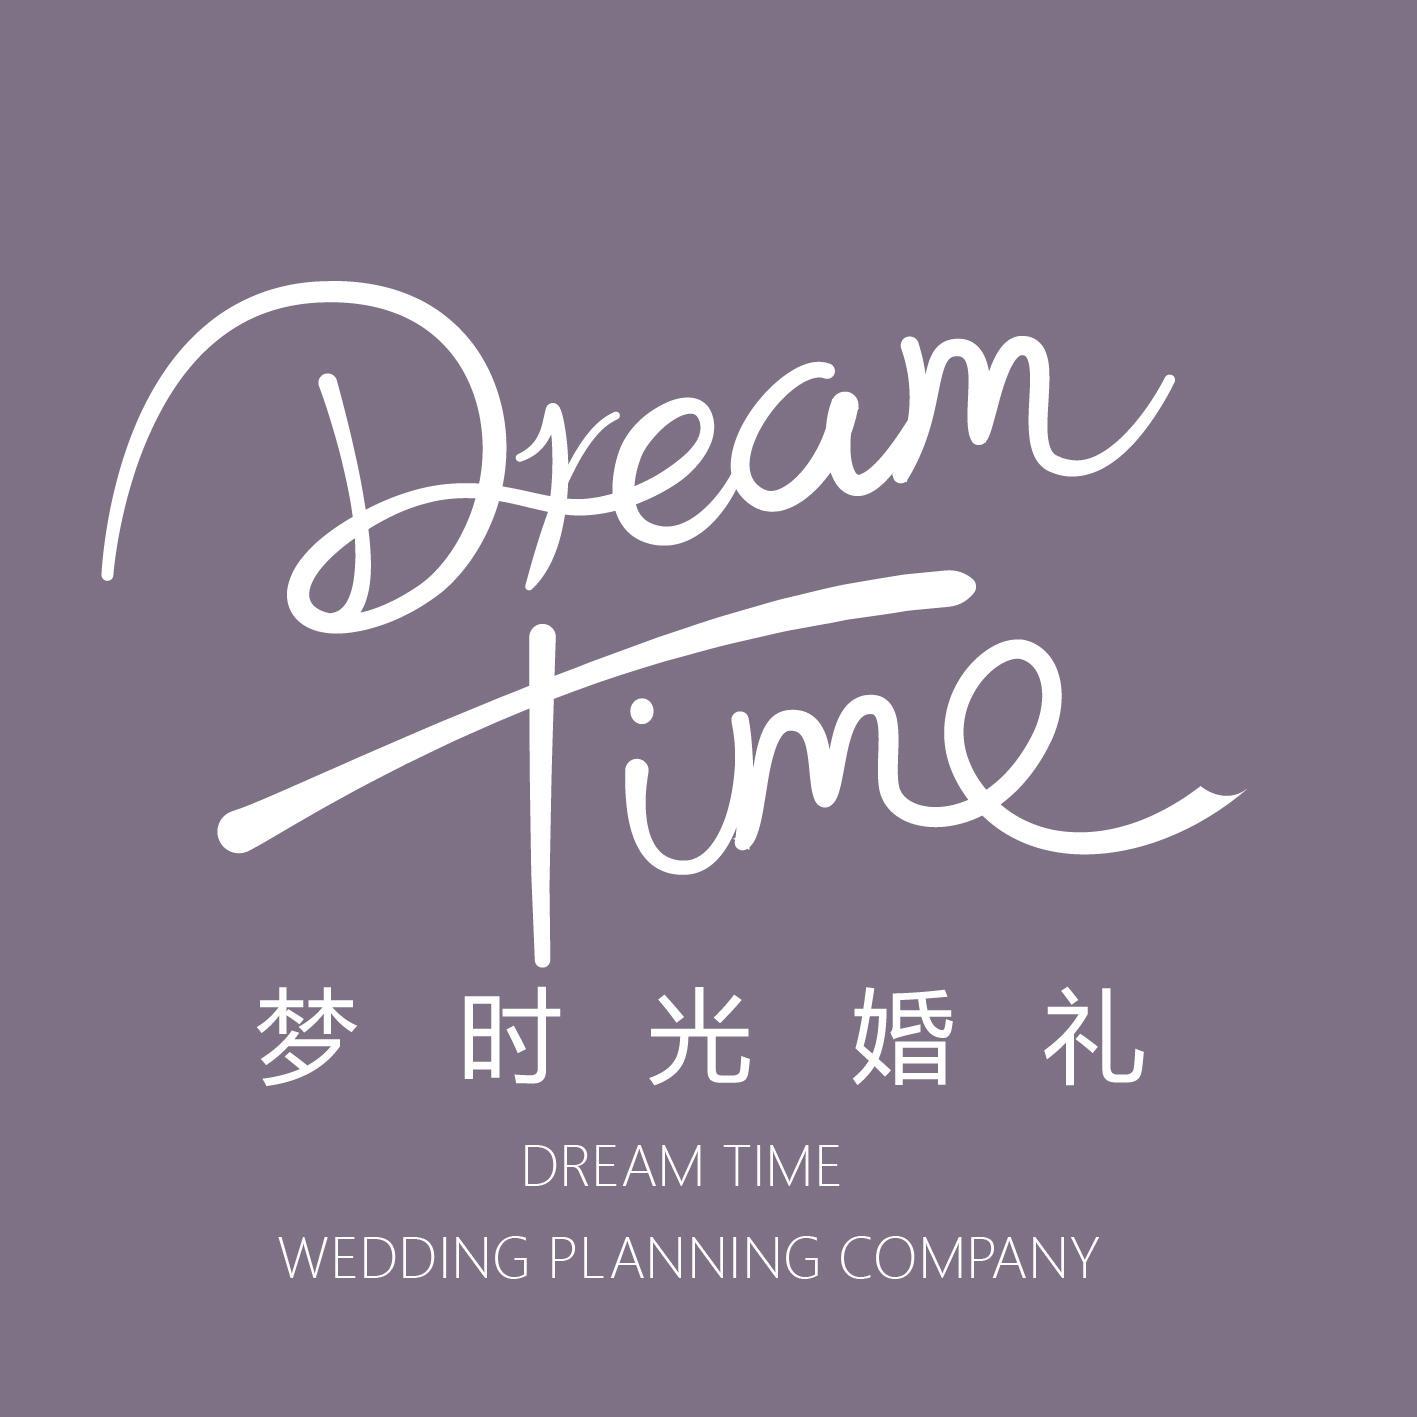 梦时光婚礼顾问